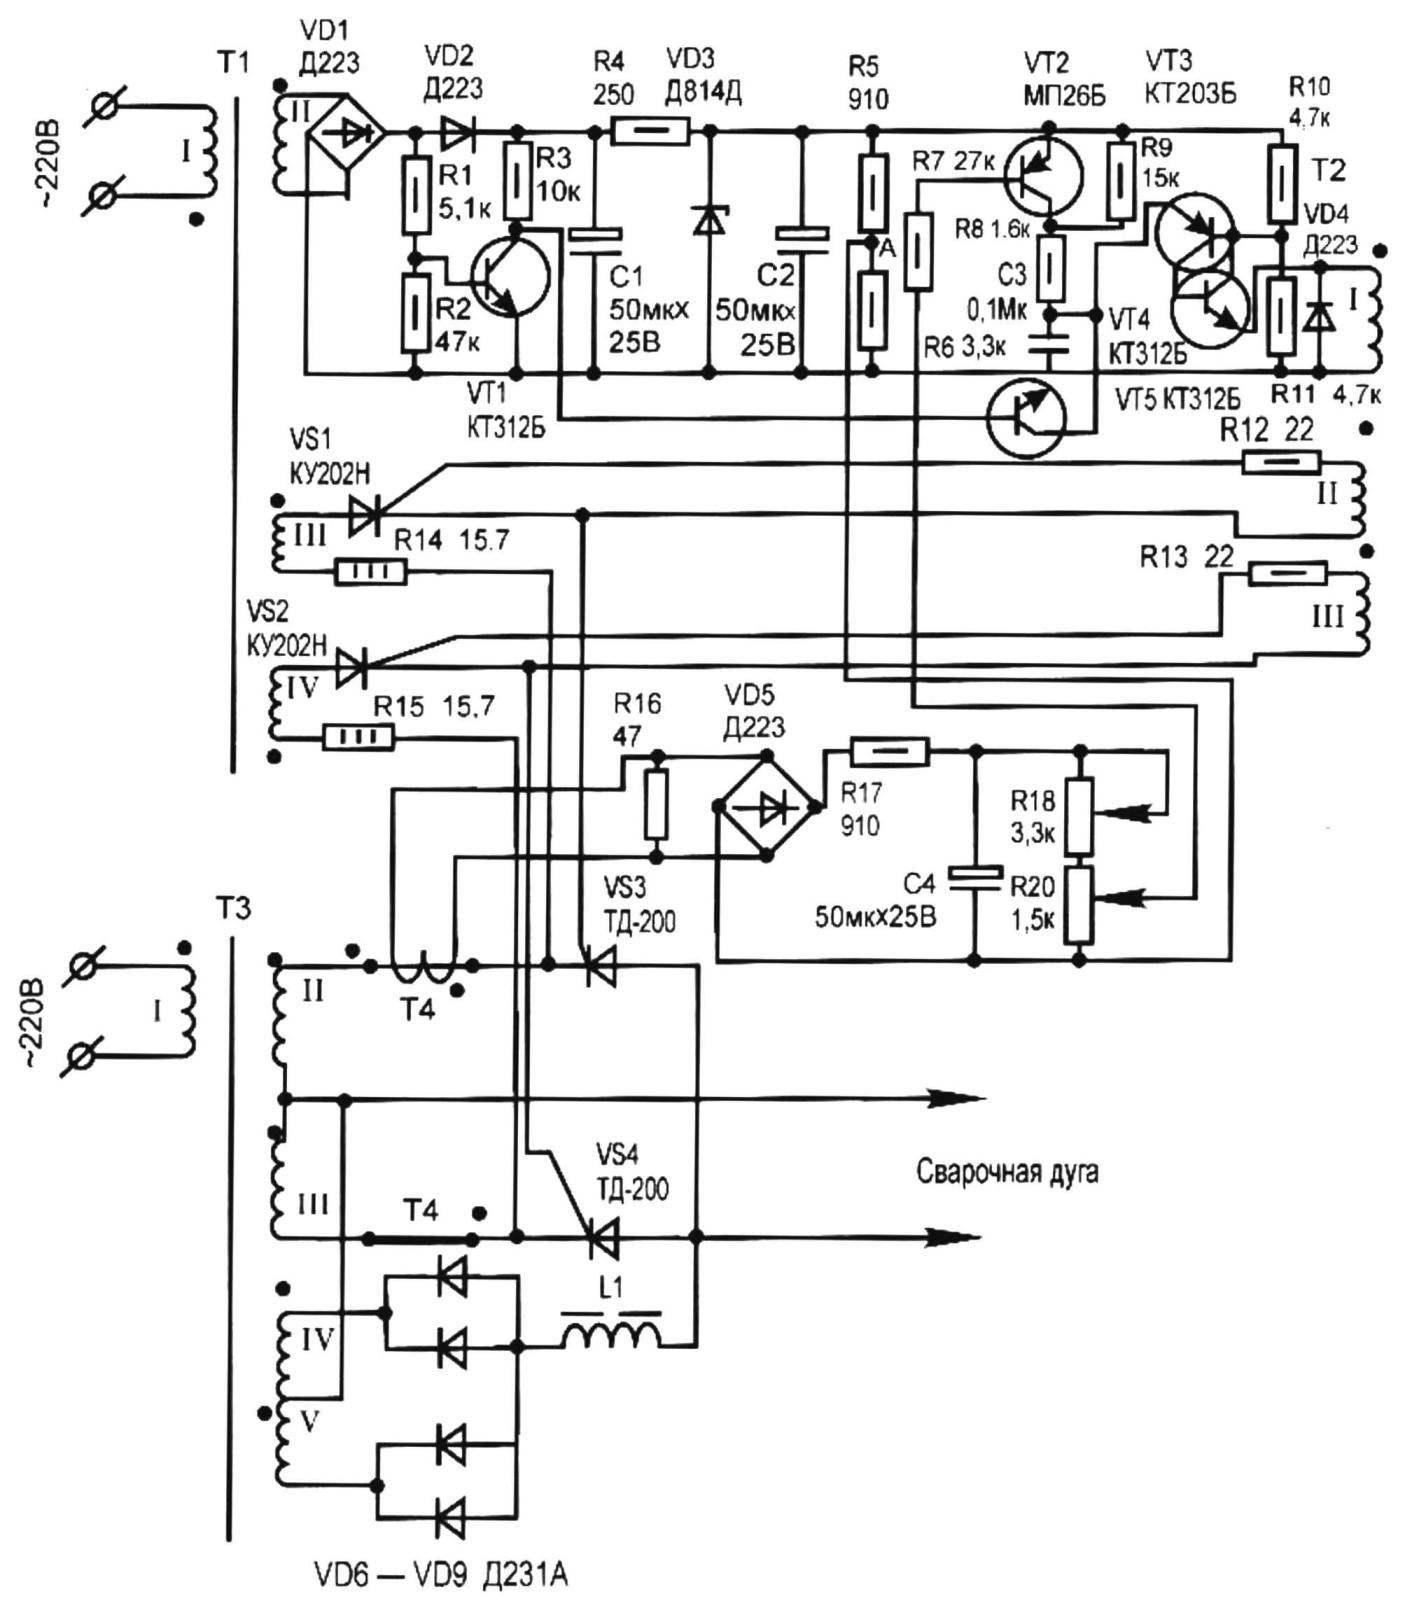 Рис. 1. Принципиальная электрическая схема сварочного аппарата с электронным регулированием тока и питанием от сети напряжением 220 В